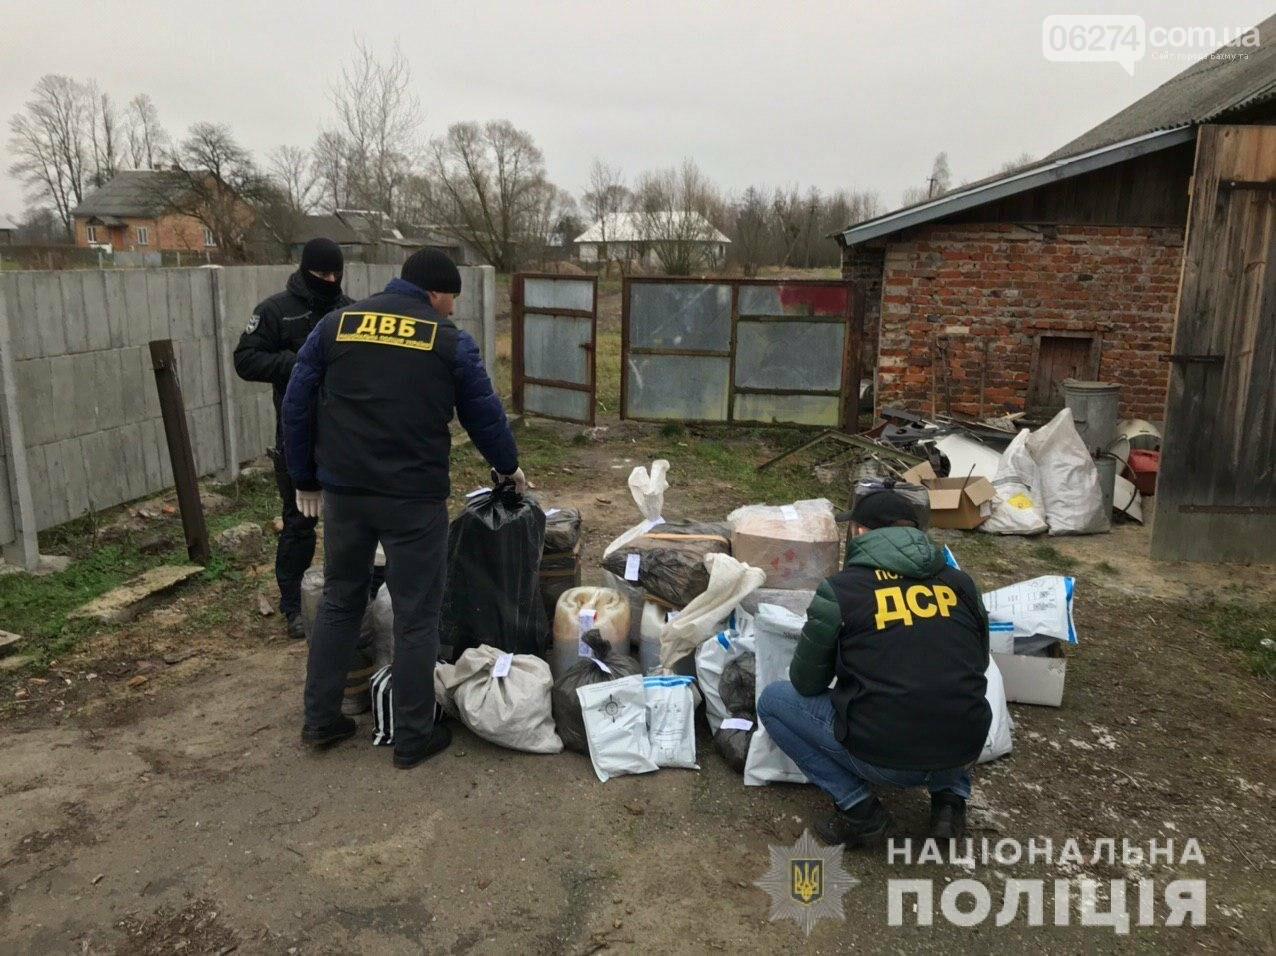 Львовская полиция разоблачила наркопоставщиков для жителей Бахмута и других городов, фото-1